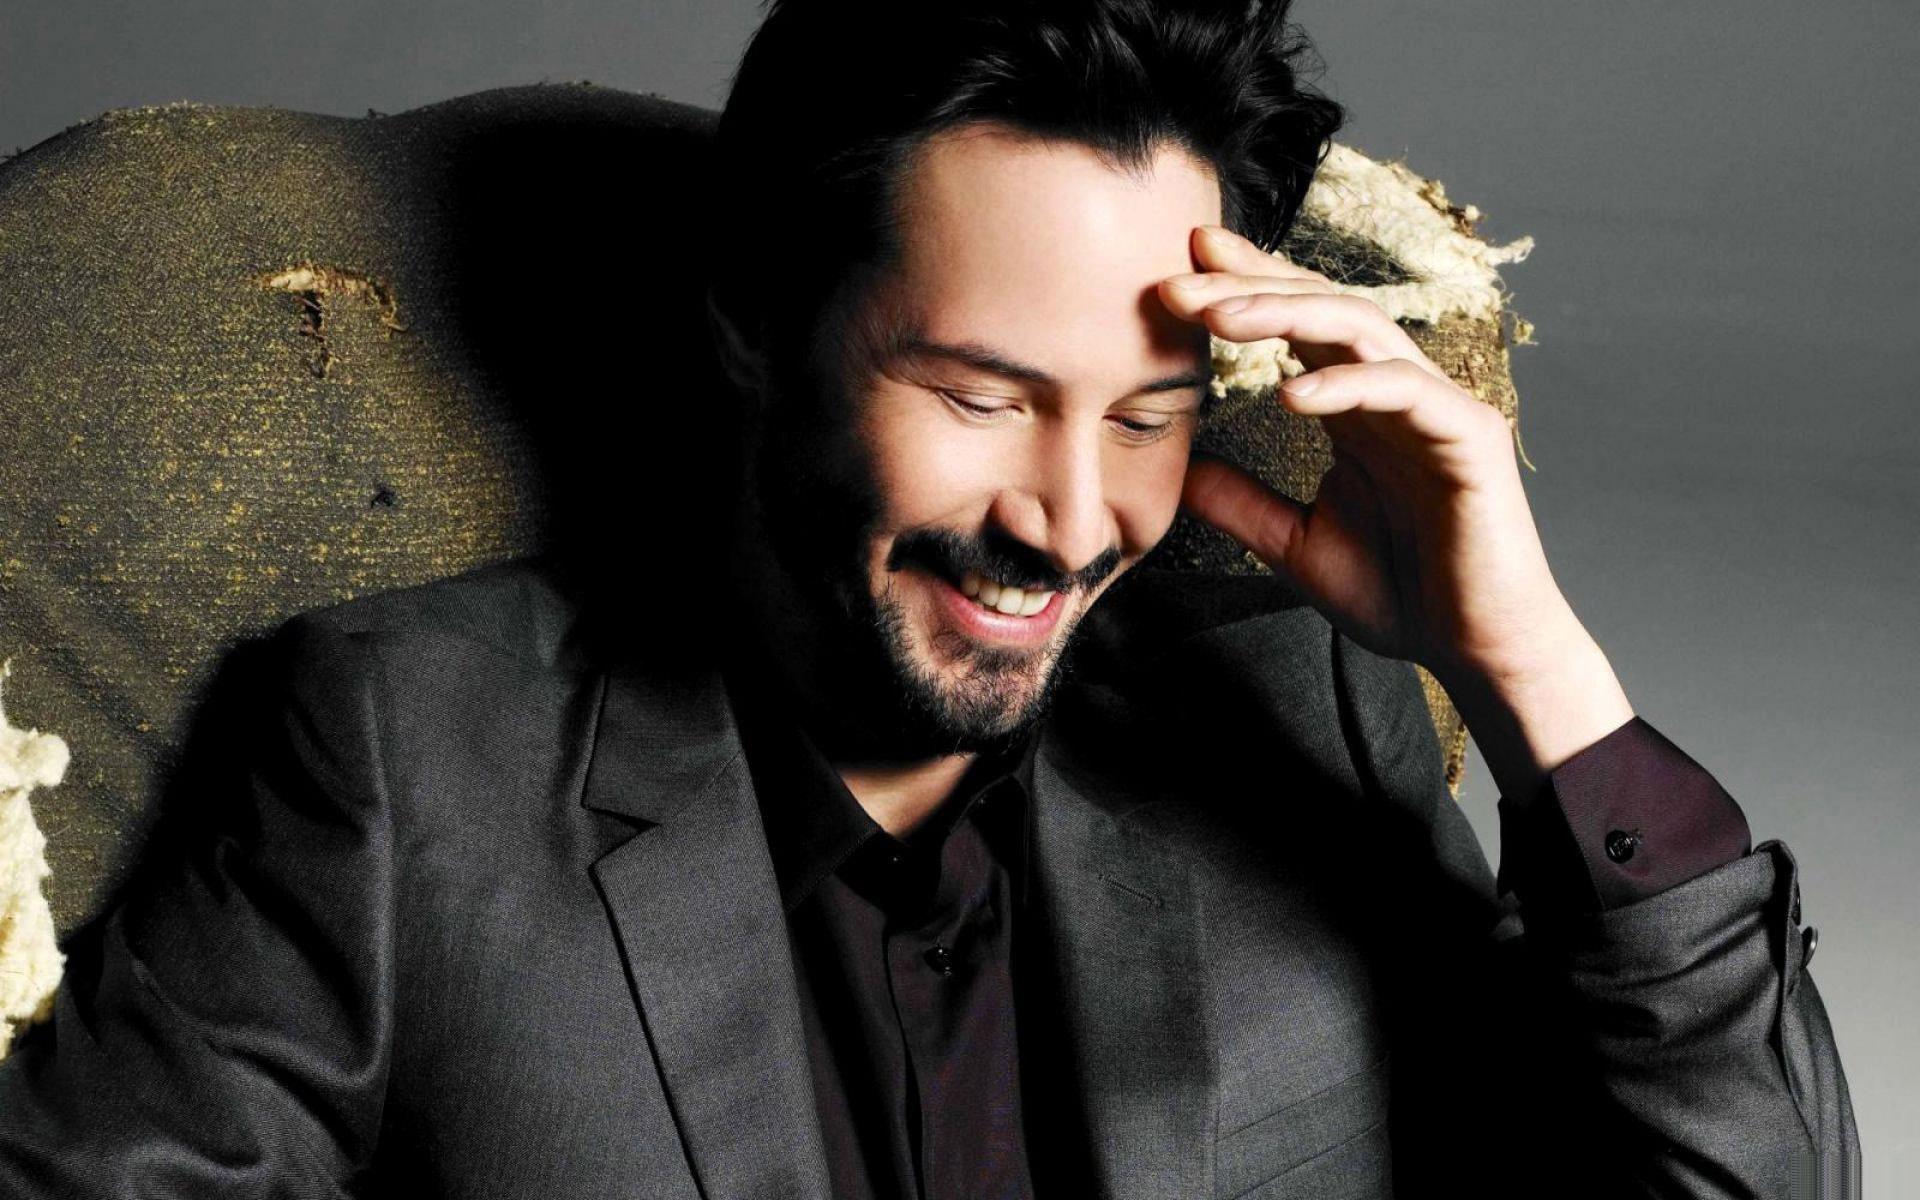 Keanu Reeves câu nói hay cuộc sống